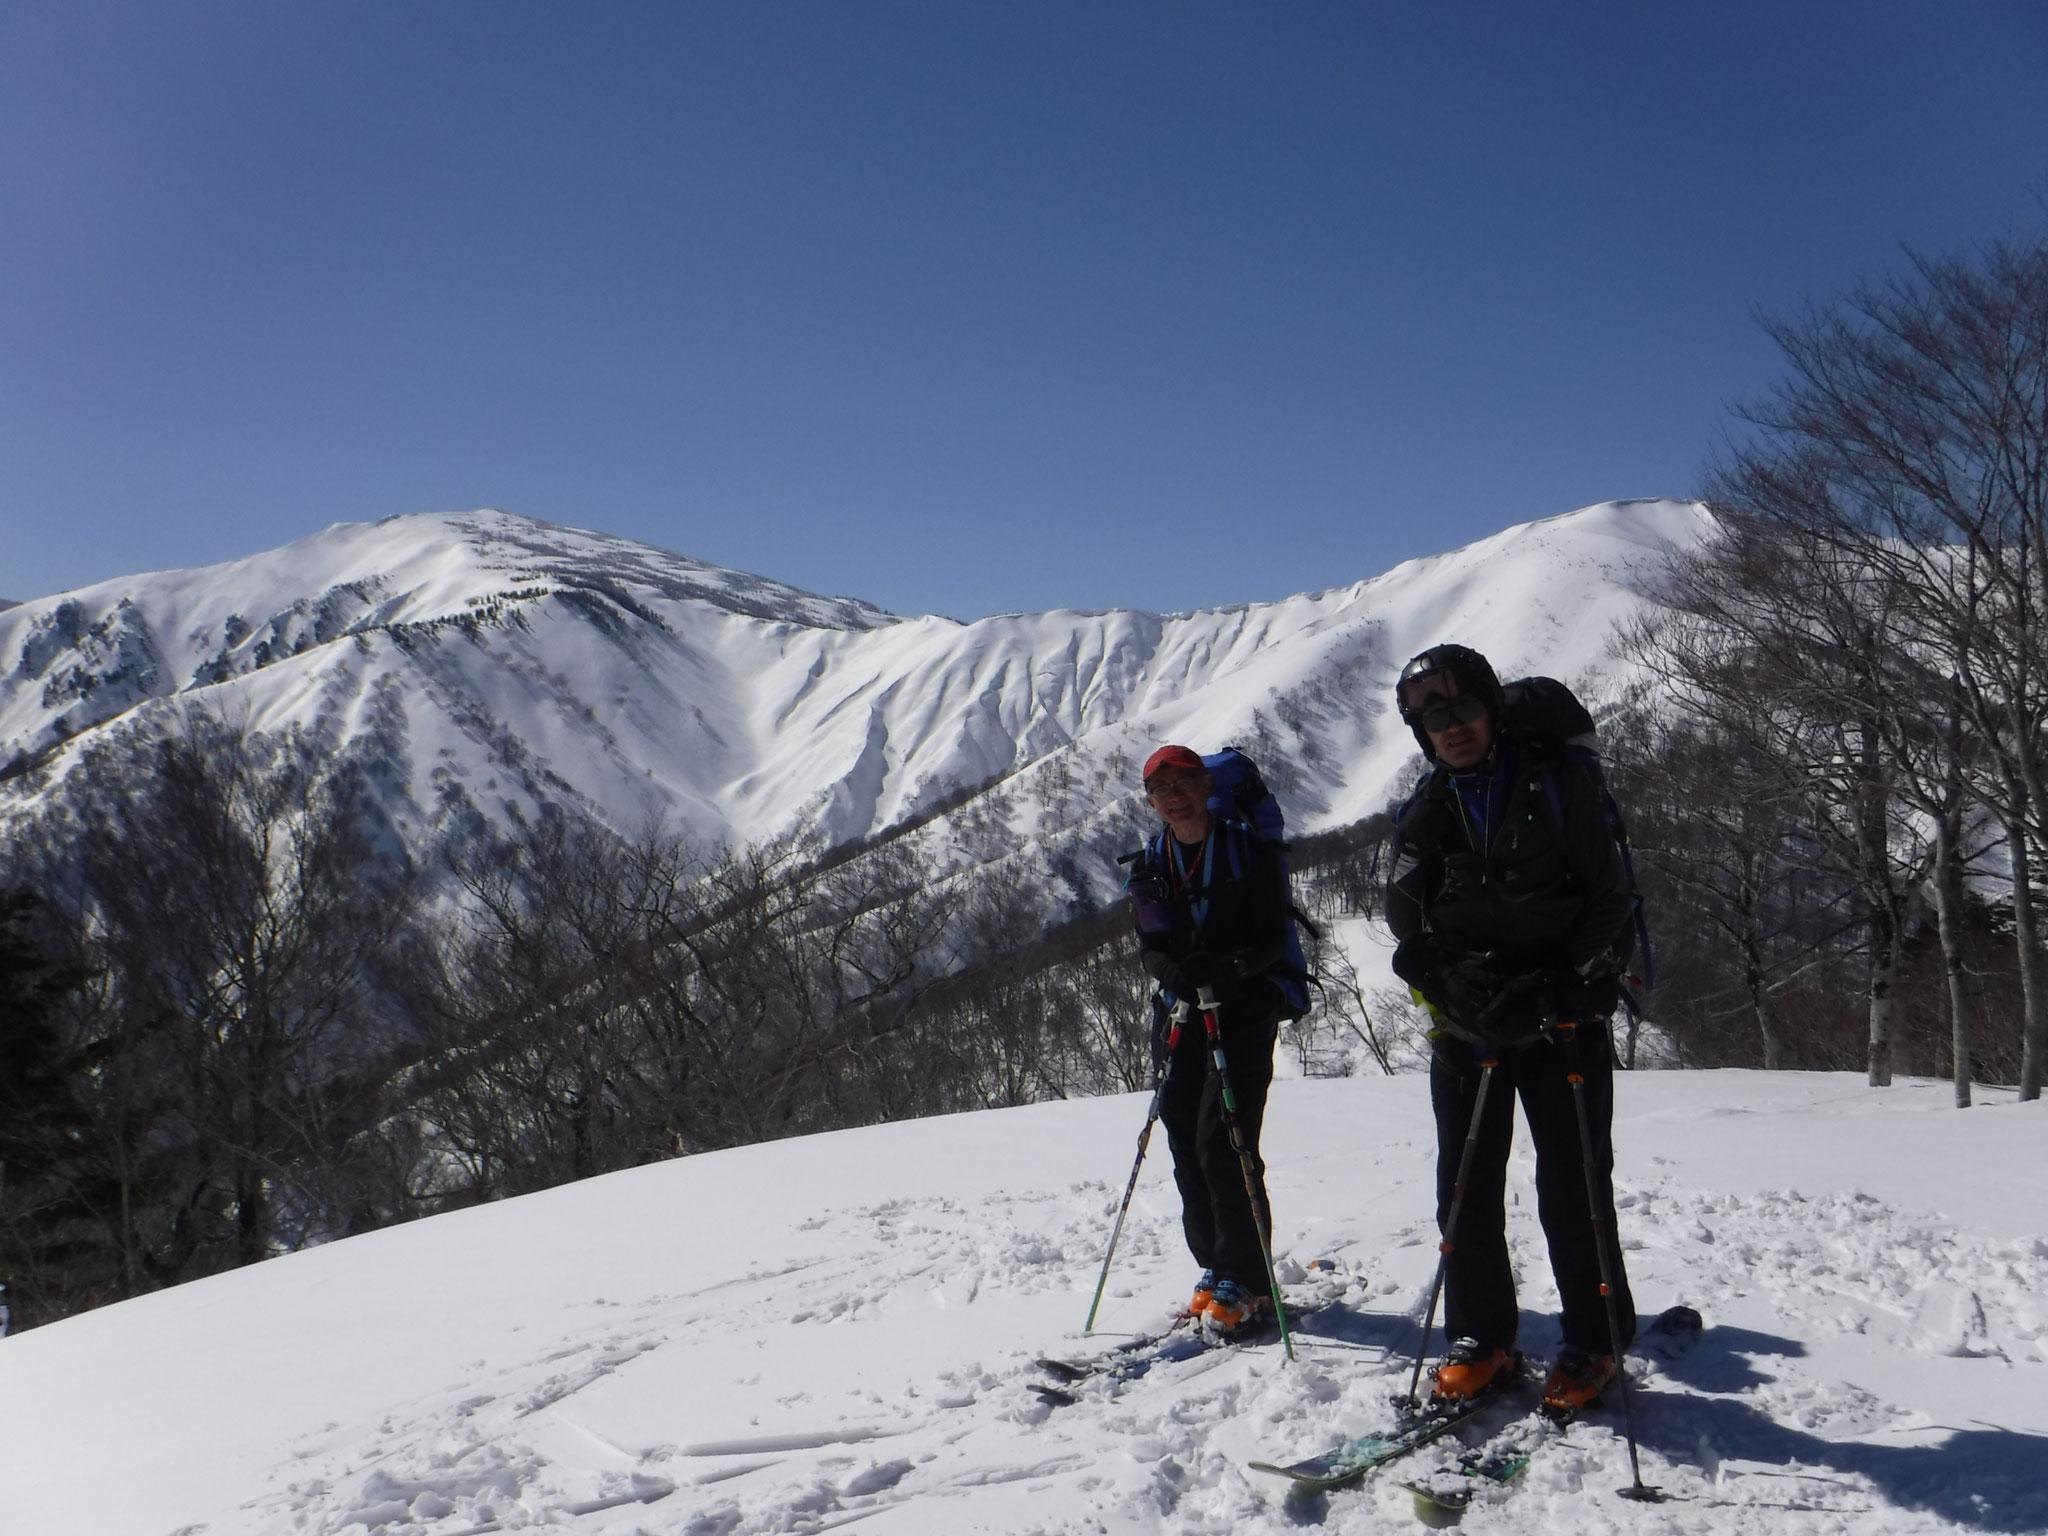 12:15 家向山山頂の南西ピーク1520m、春山の温かさ